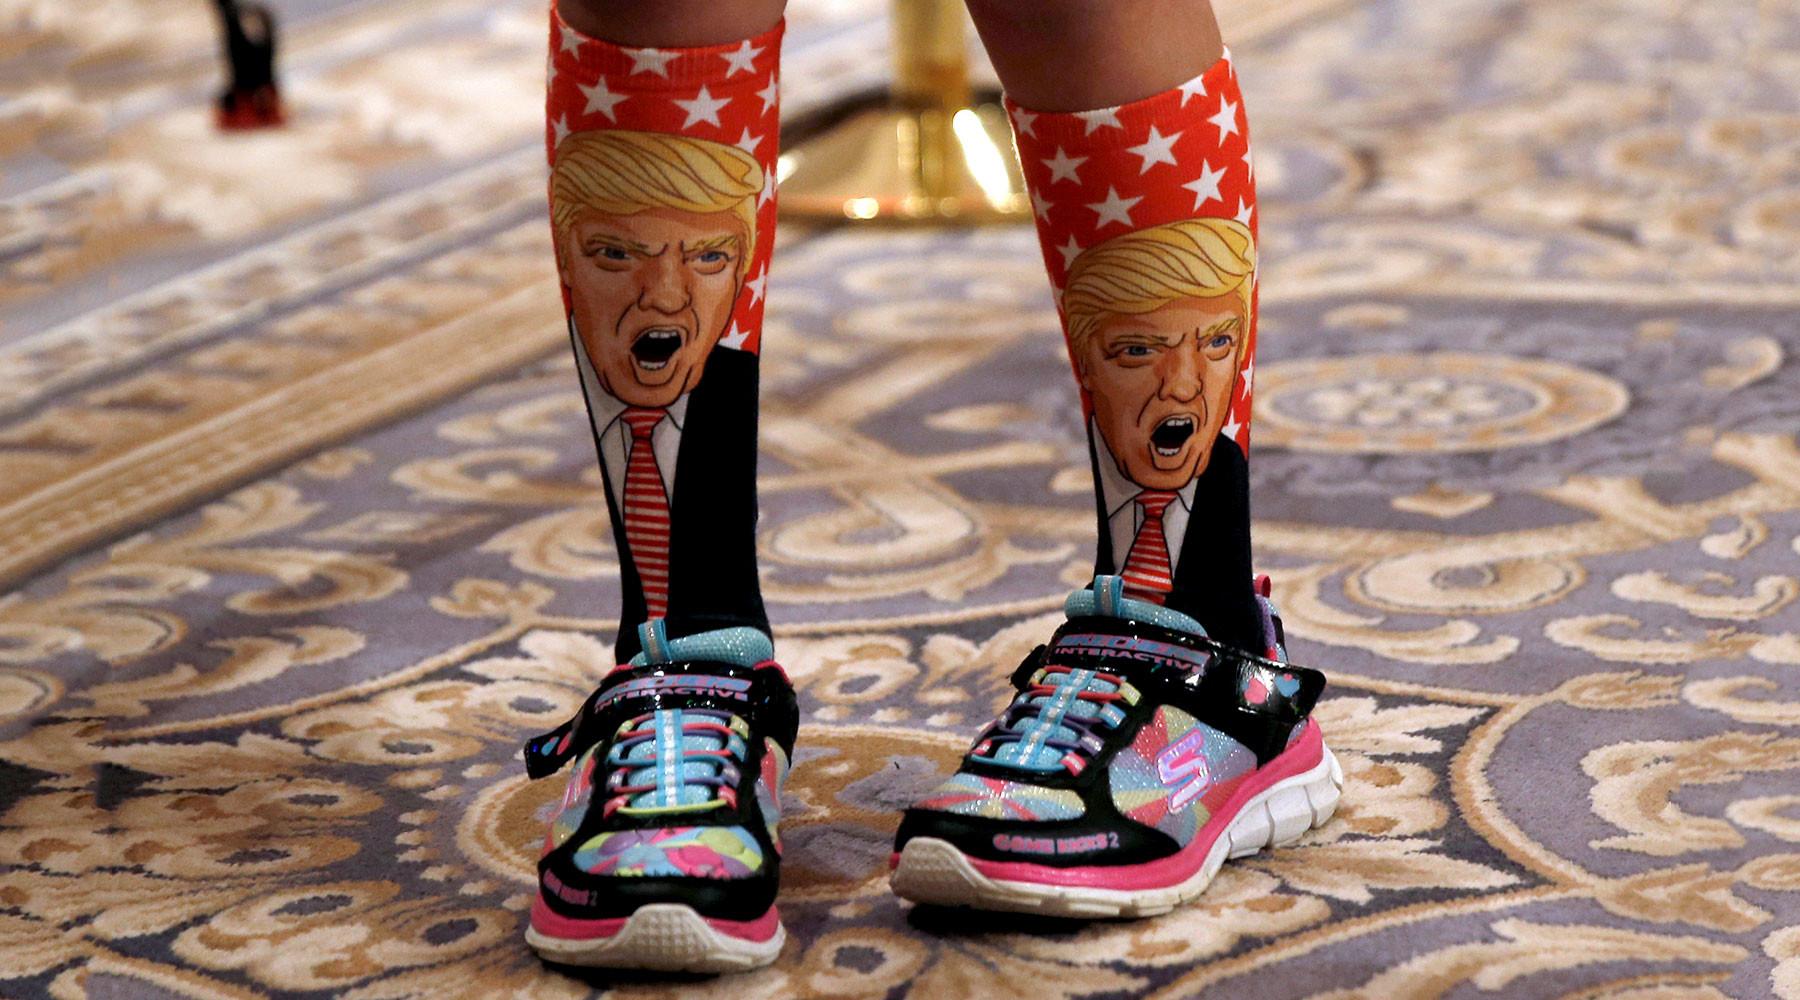 Купальники, носки, мексиканское пиво: как предприниматели зарабатывают на образе Трампа